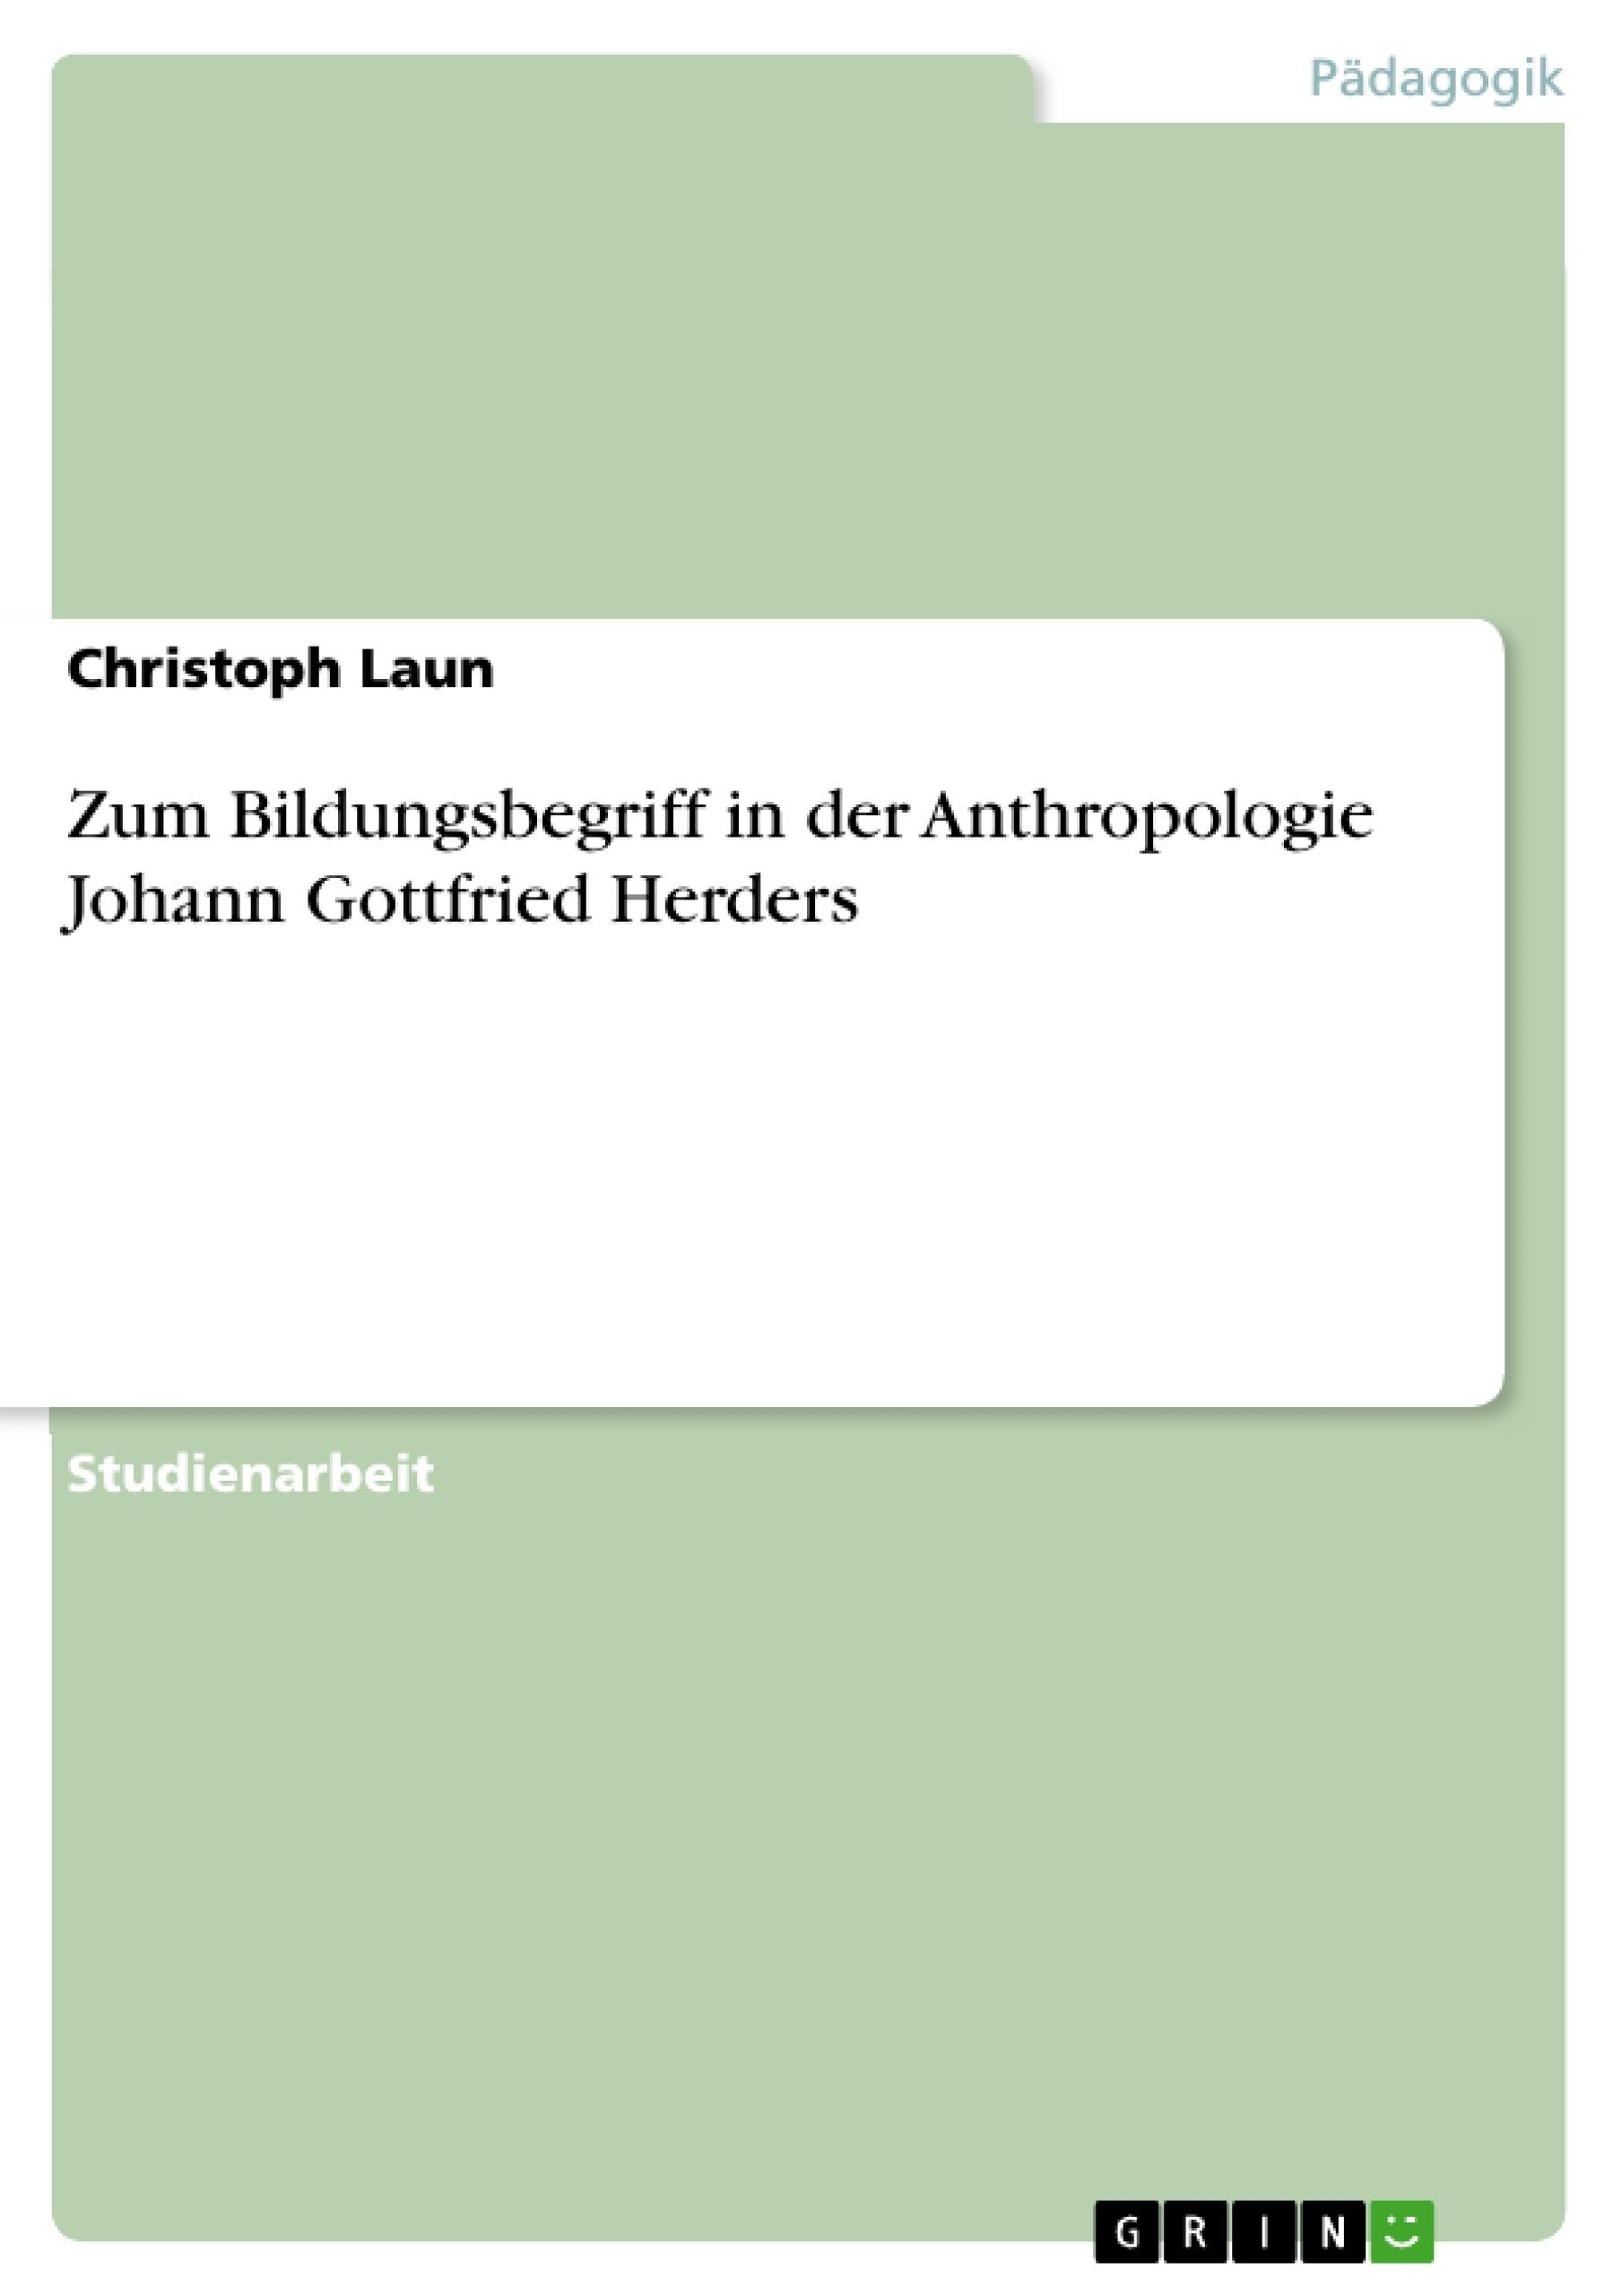 Titel: Zum Bildungsbegriff in der Anthropologie Johann Gottfried Herders